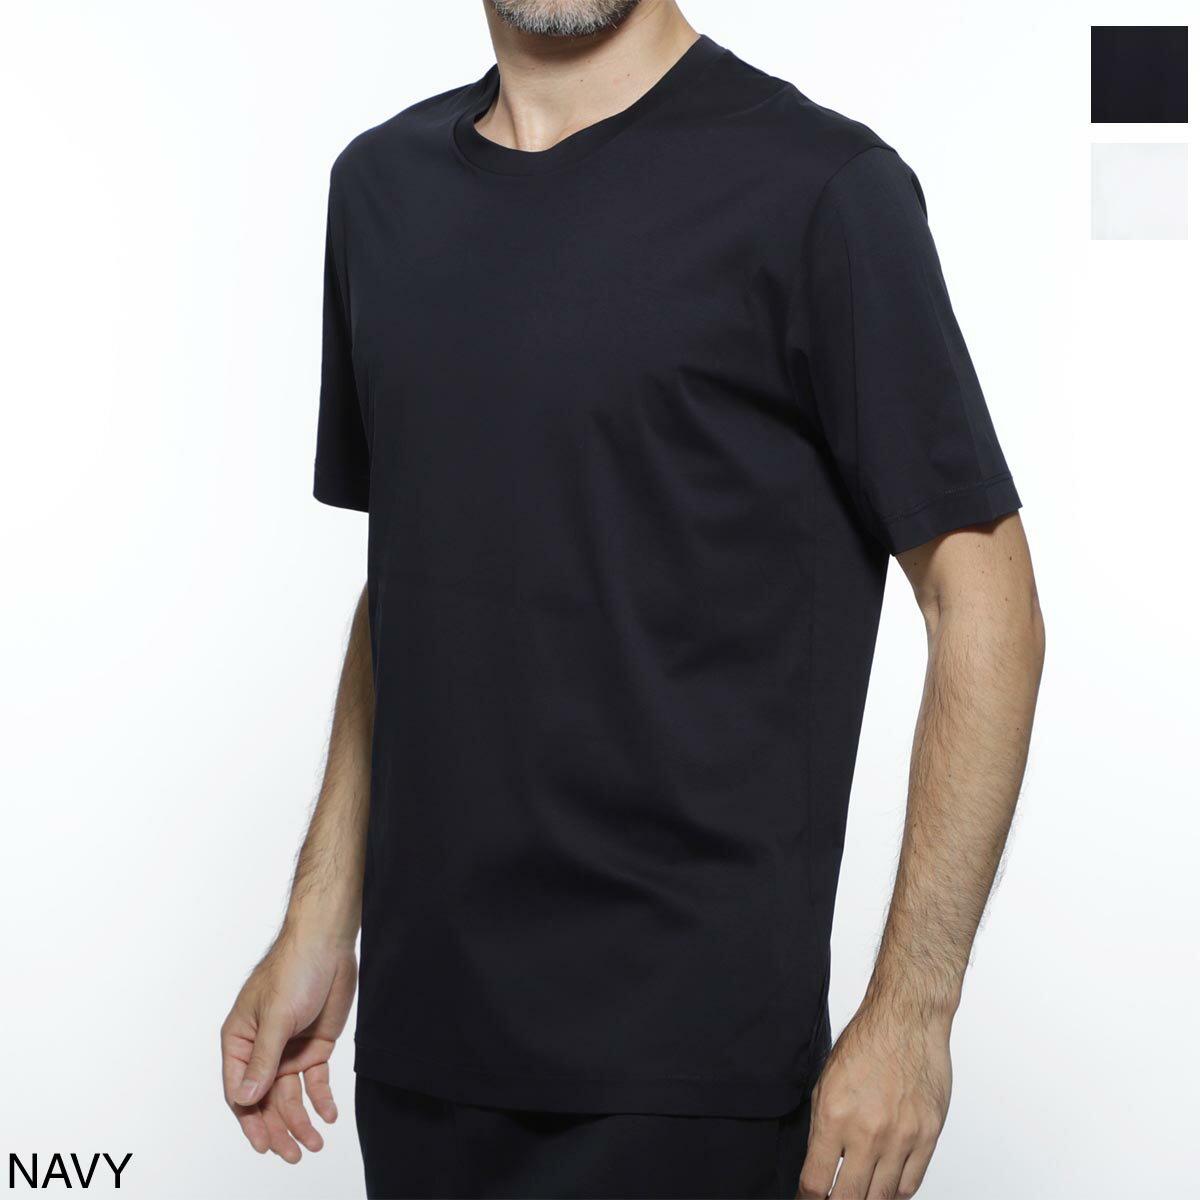 トップス, Tシャツ・カットソー  JIL SANDER T jsuo705011 mo247608 402 T-SHIRT CN SS191016